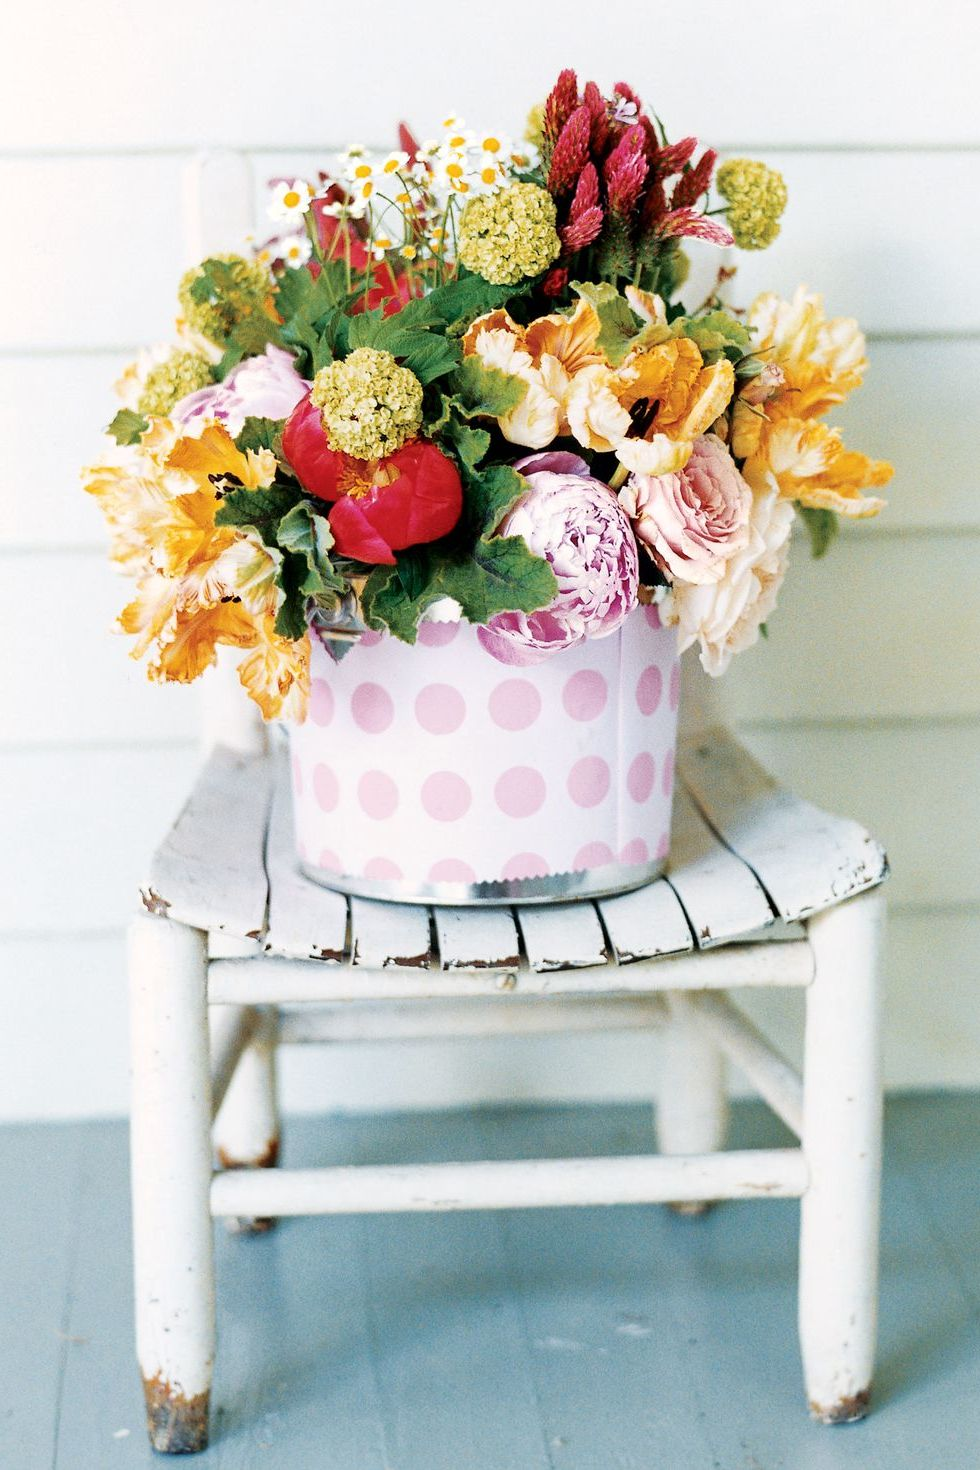 Tischdeko Frühling selbst gemacht: mit frischen Blumen